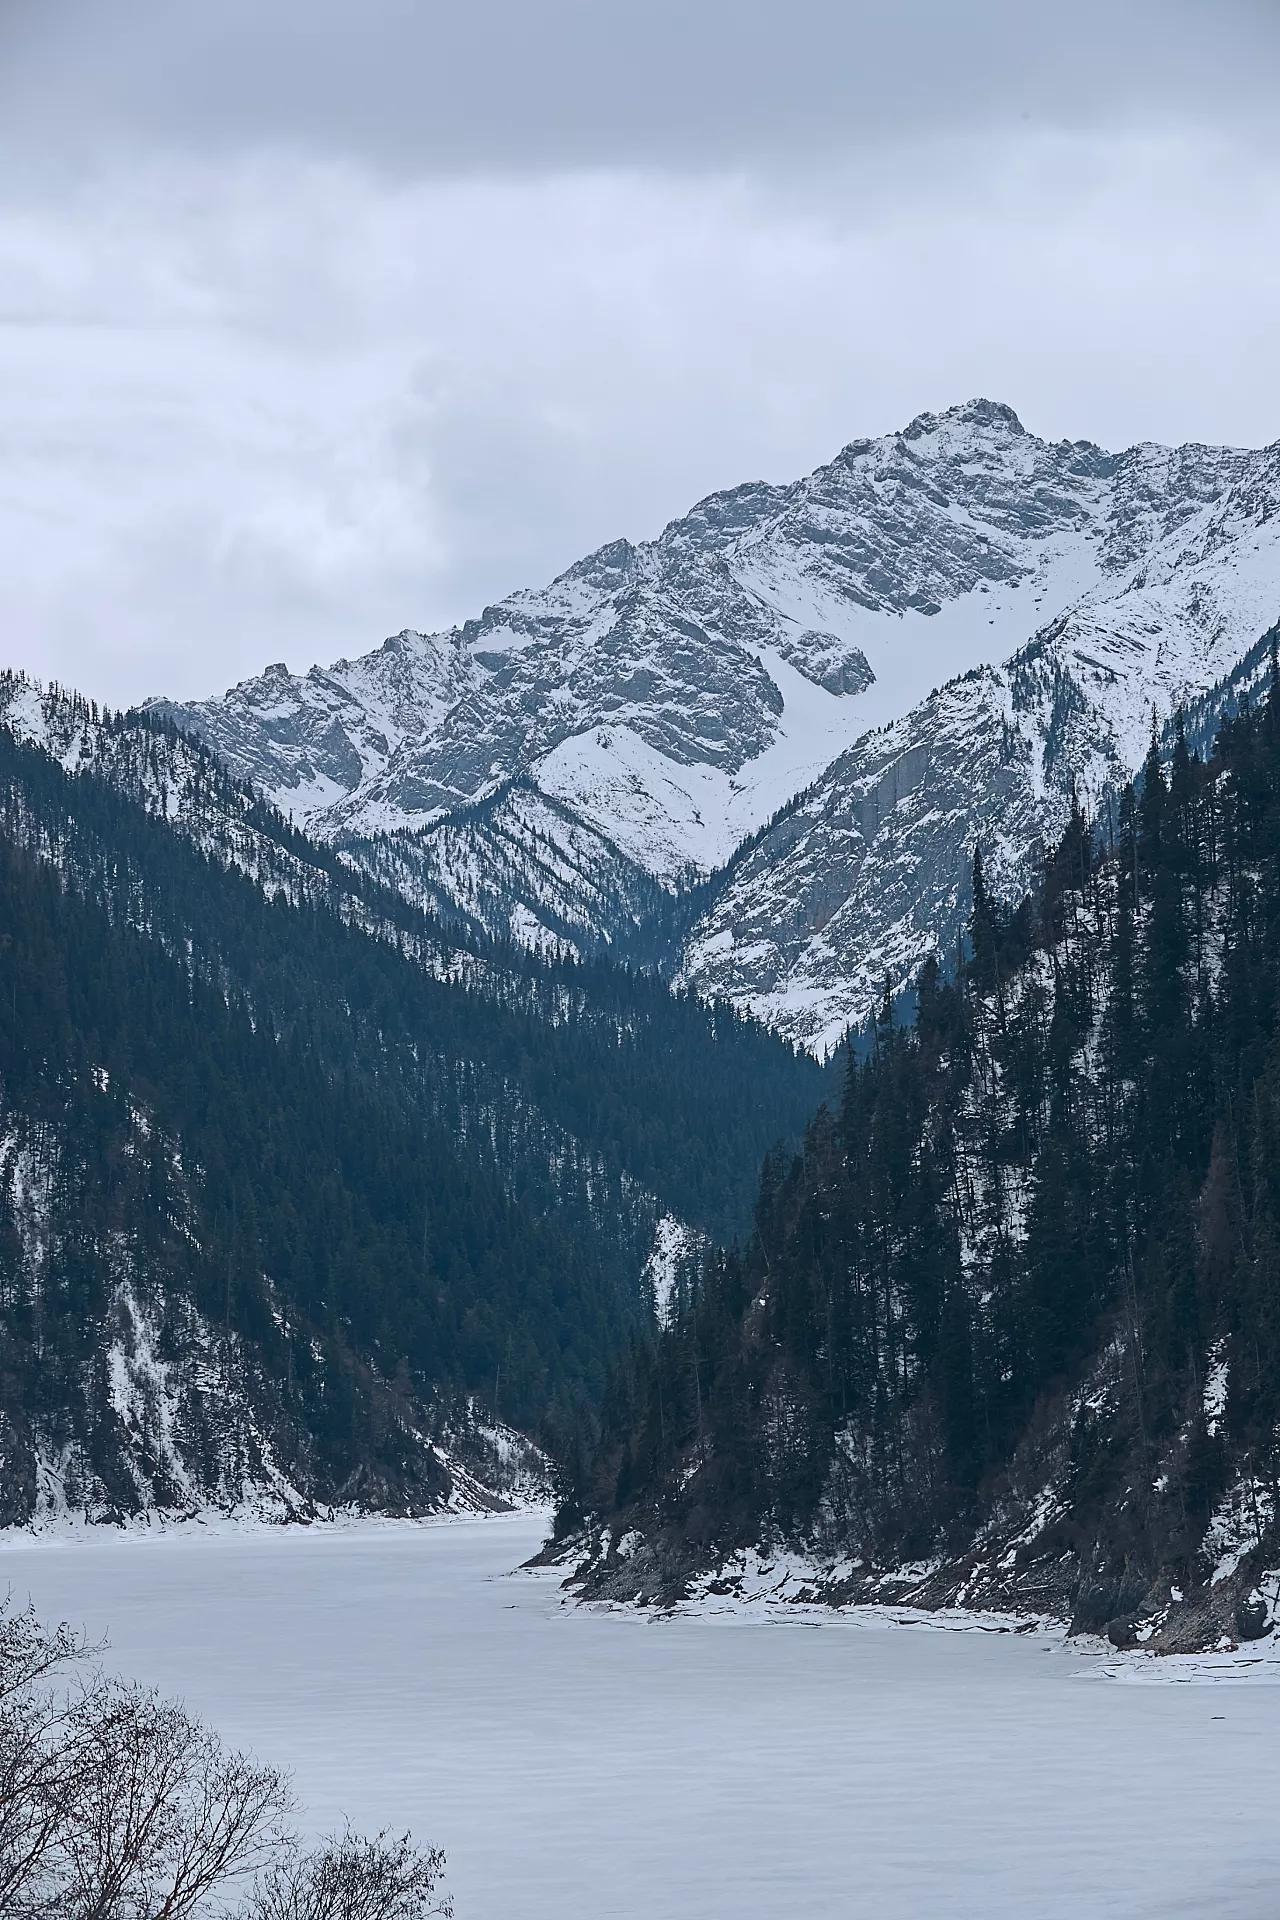 虽然季节不是很对,并没有展现出秋季的层林尽染,五光十色。但是3月中的九寨沟因为海拔落差的关系,3000多米的长海还是一片冰封,2000多米的镜湖却是绿意盎然。震后重新开放的九寨沟 摄影师:Samchen